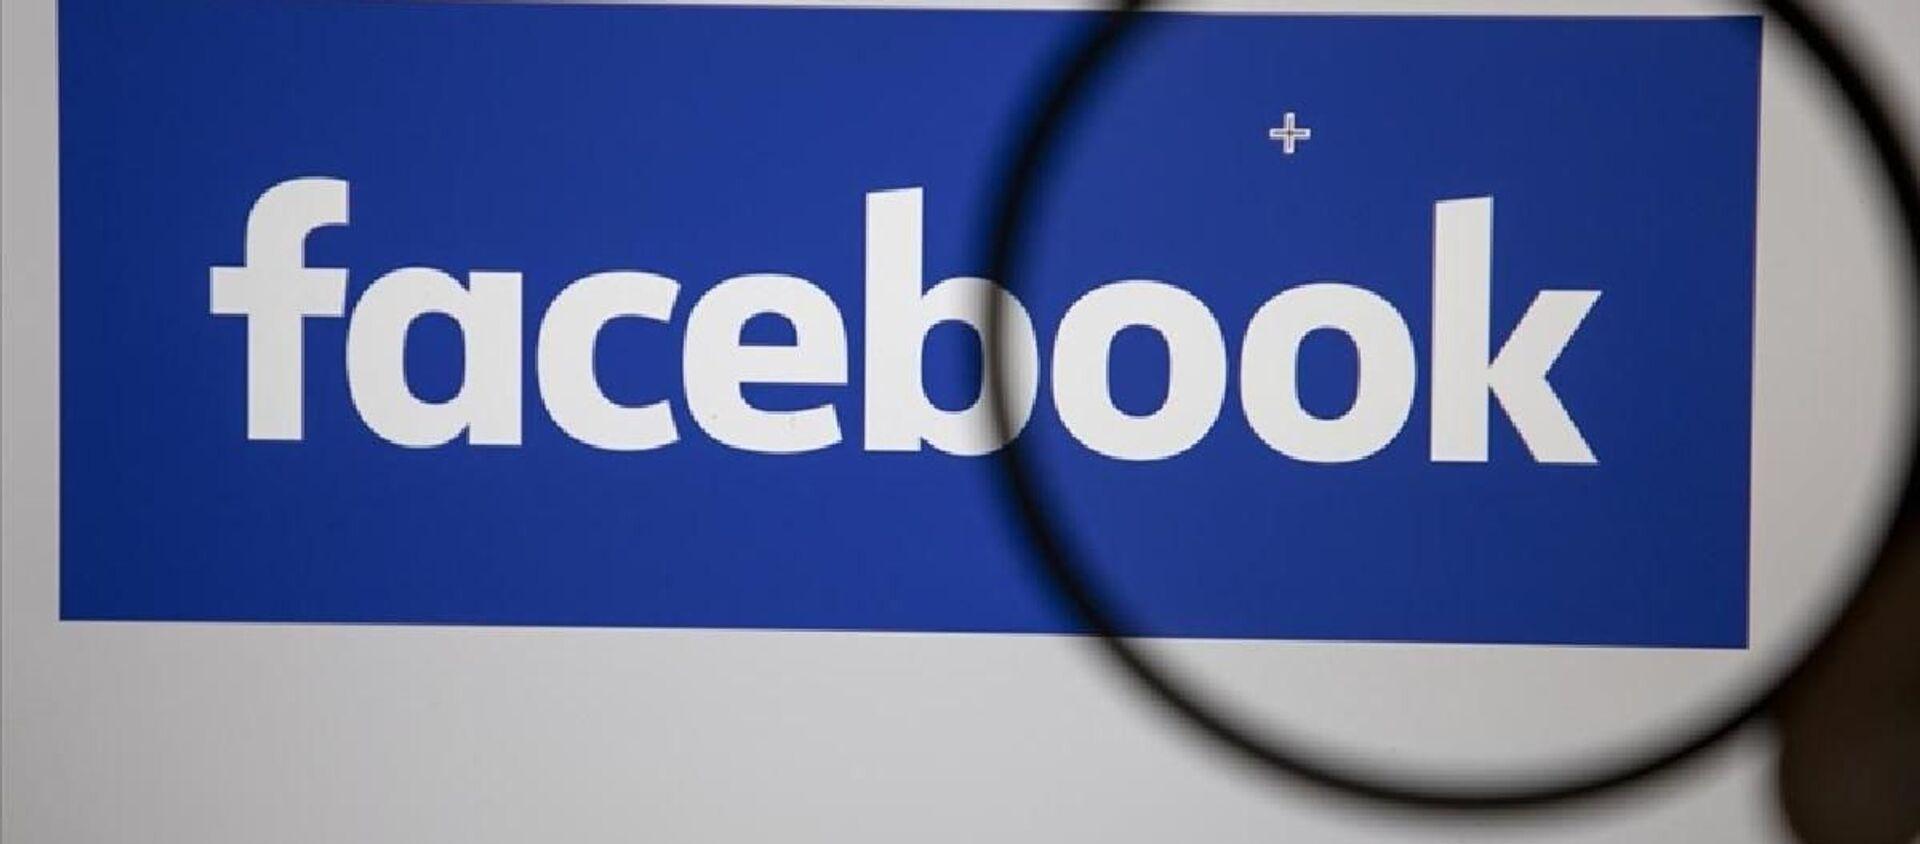 Facebook, Facebook inceleme, Facebook yasak - Sputnik Türkiye, 1920, 29.01.2021